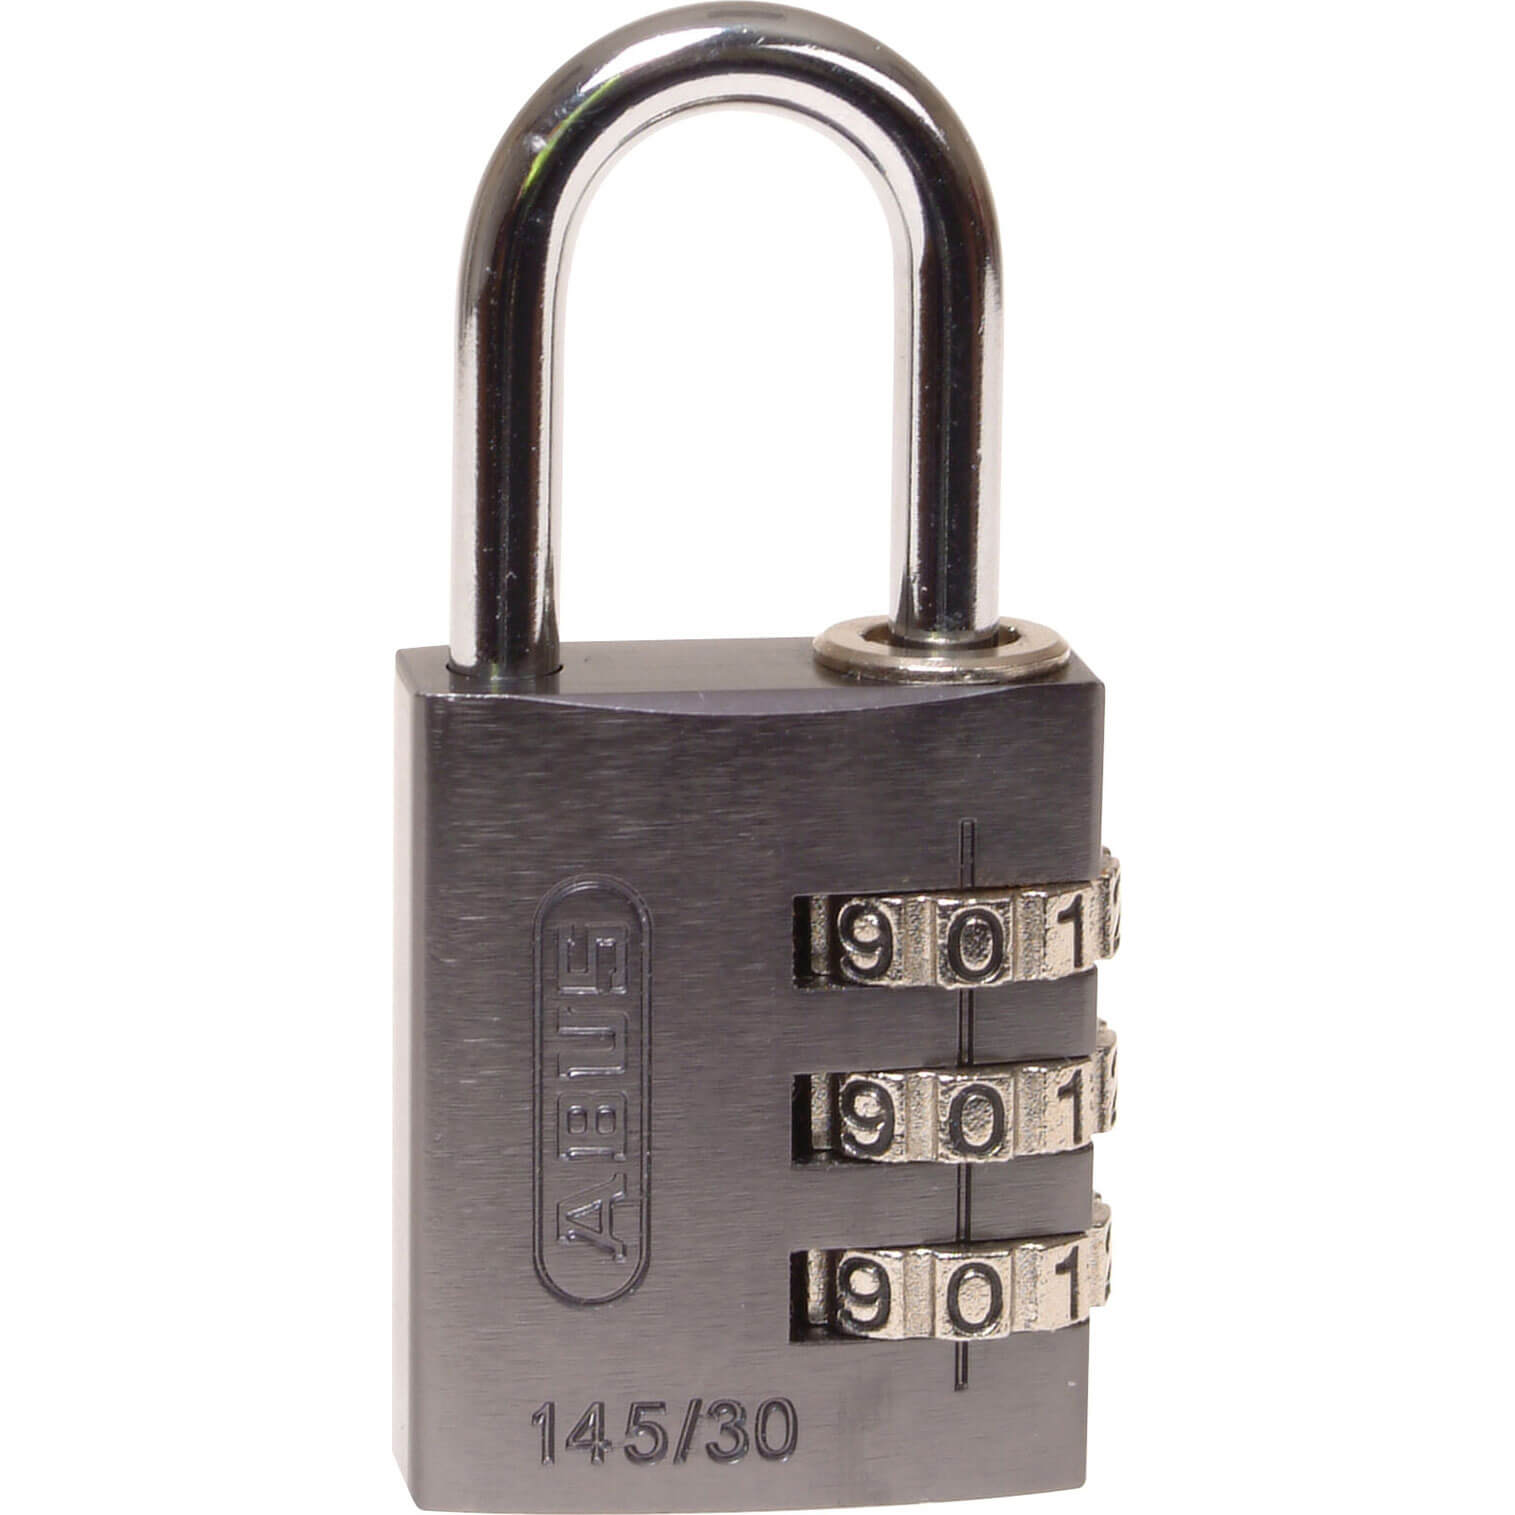 Image of Abus 30mm 145 Series 3 Digit Combination Aluminium Padlock Titanium